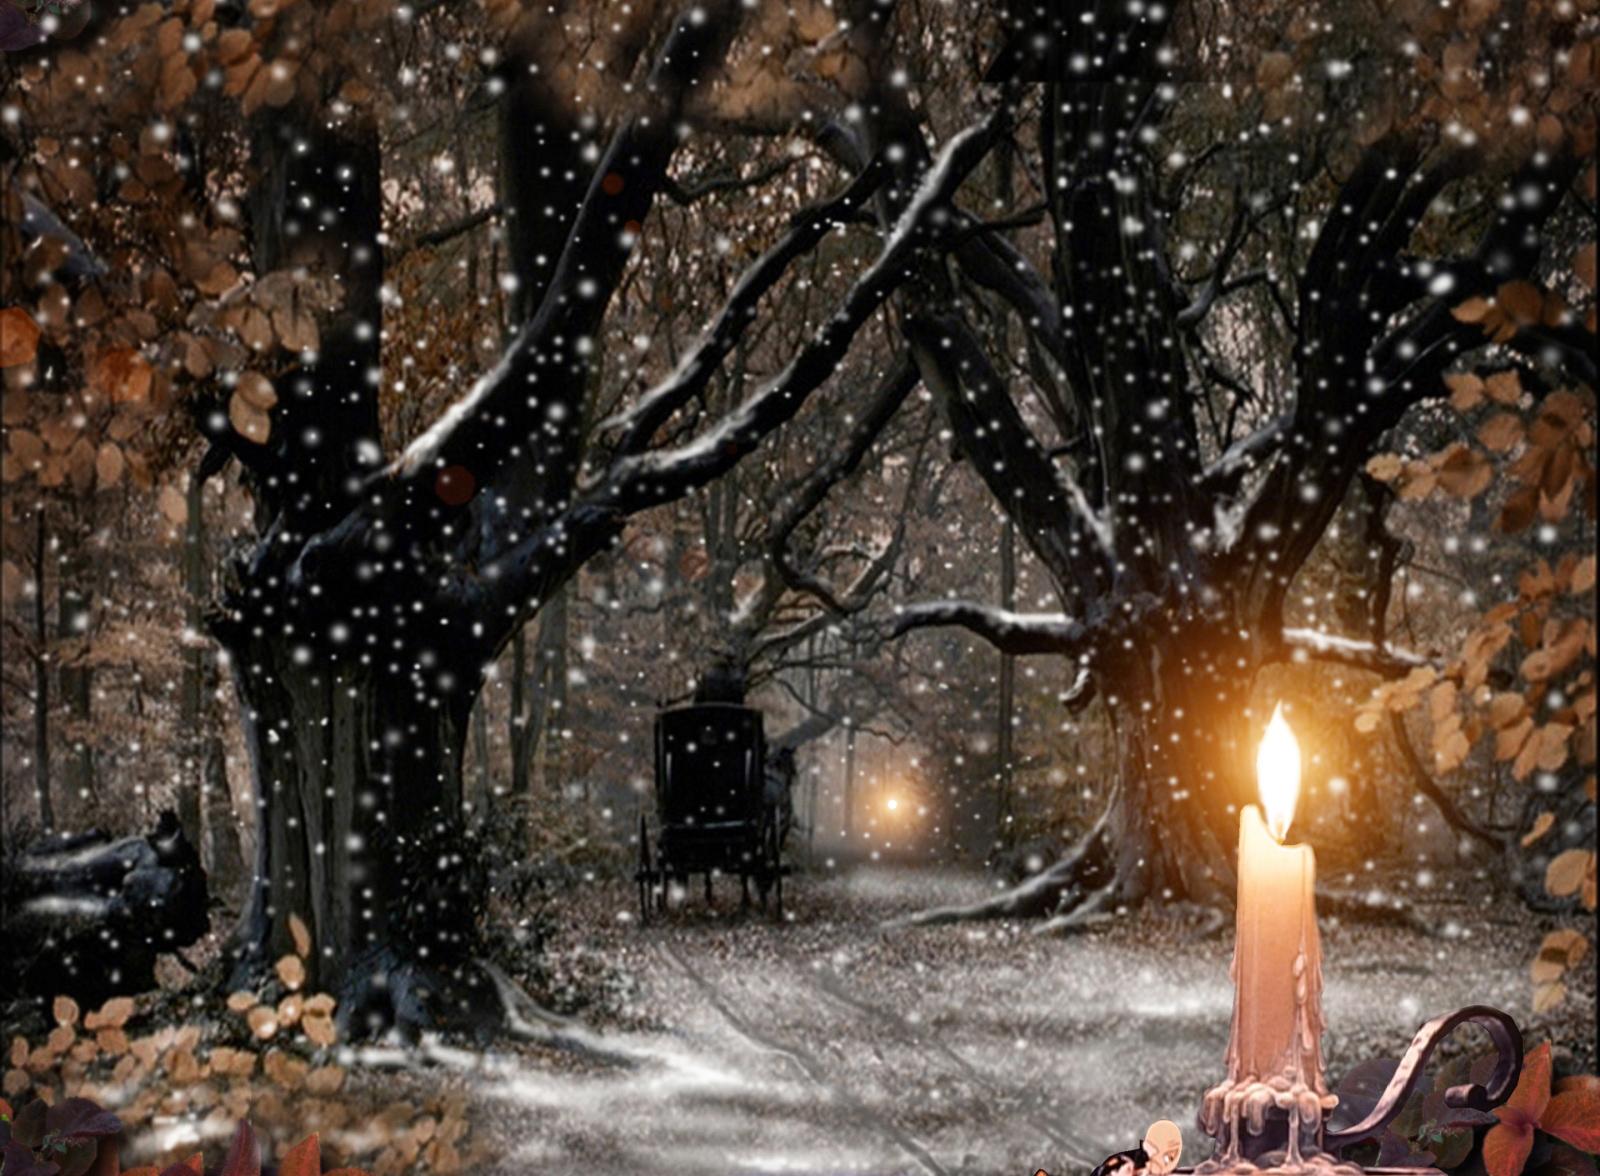 Free Christmas Wallpapers: Christmas Snowfall Wallpapers